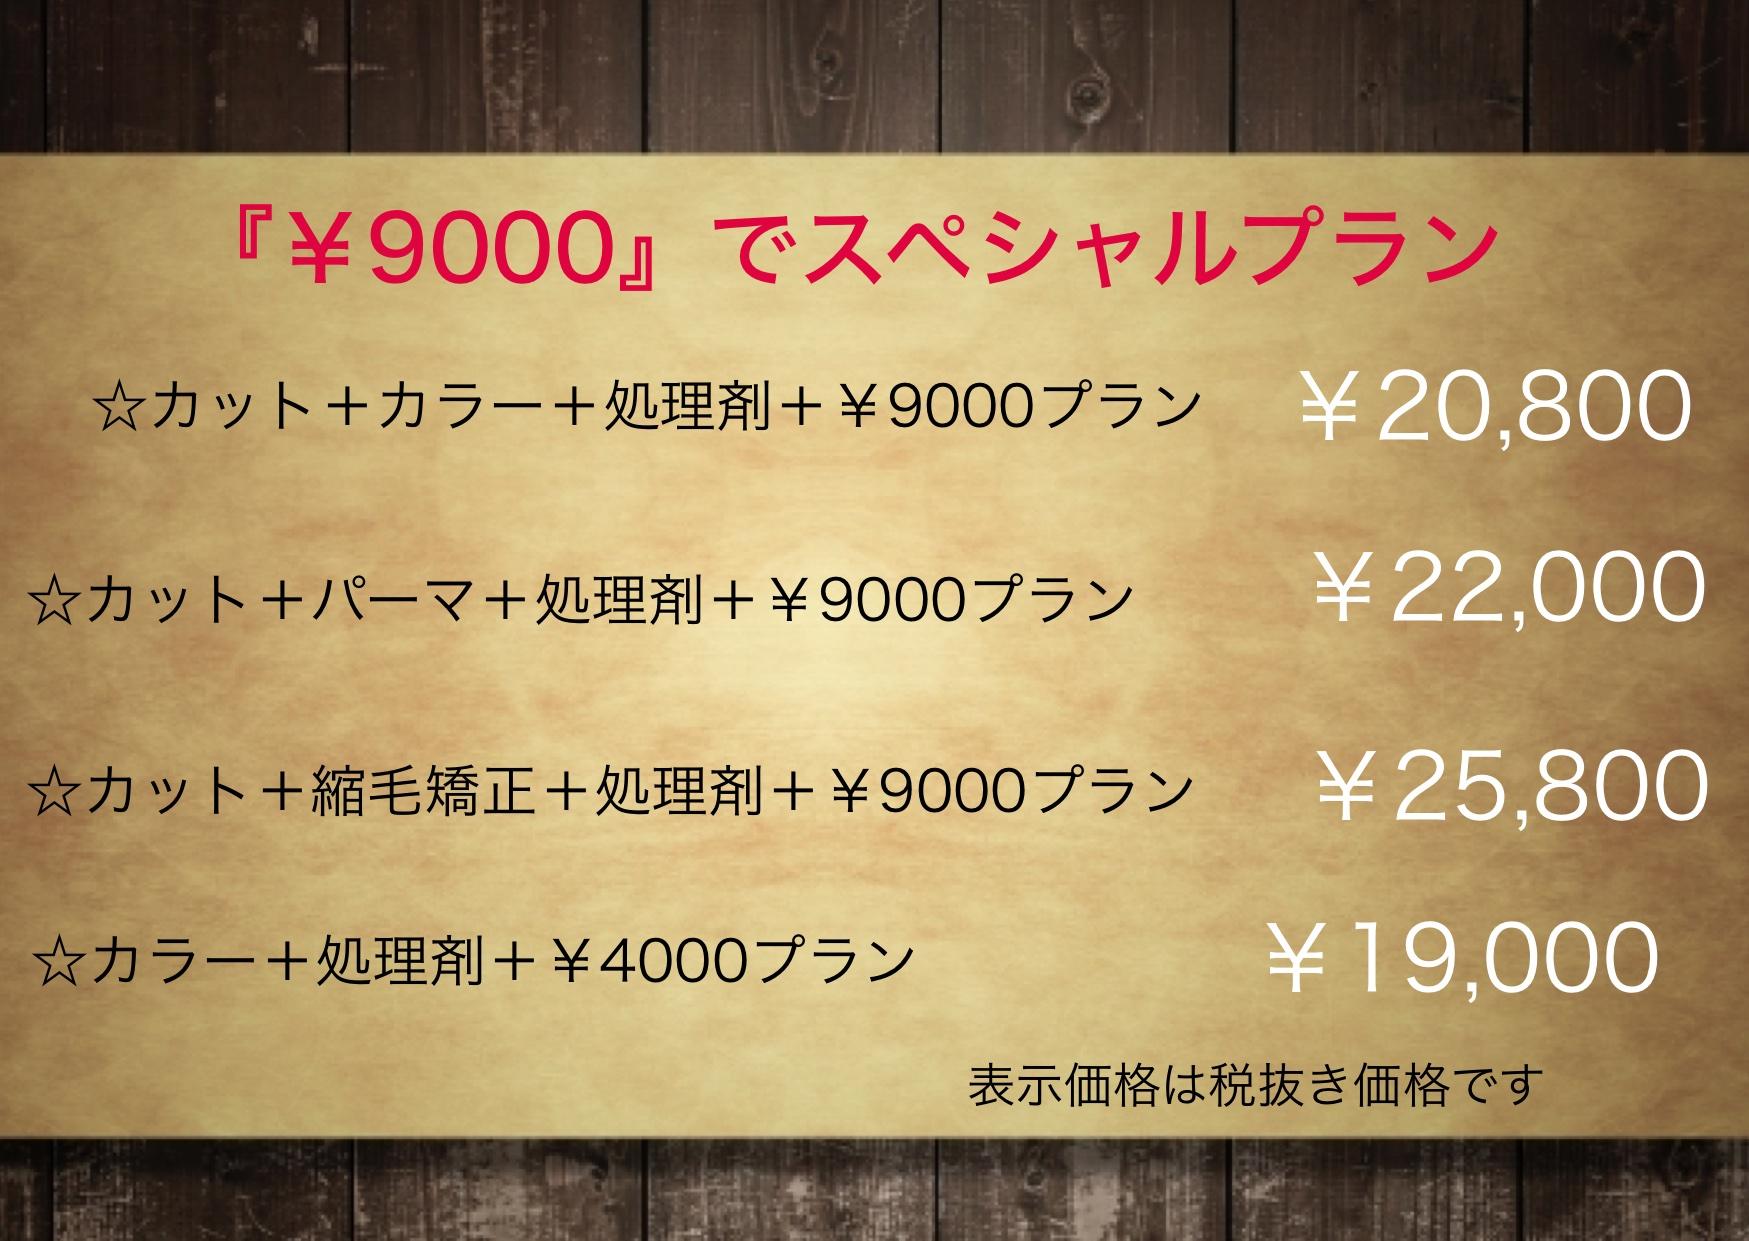 9000票